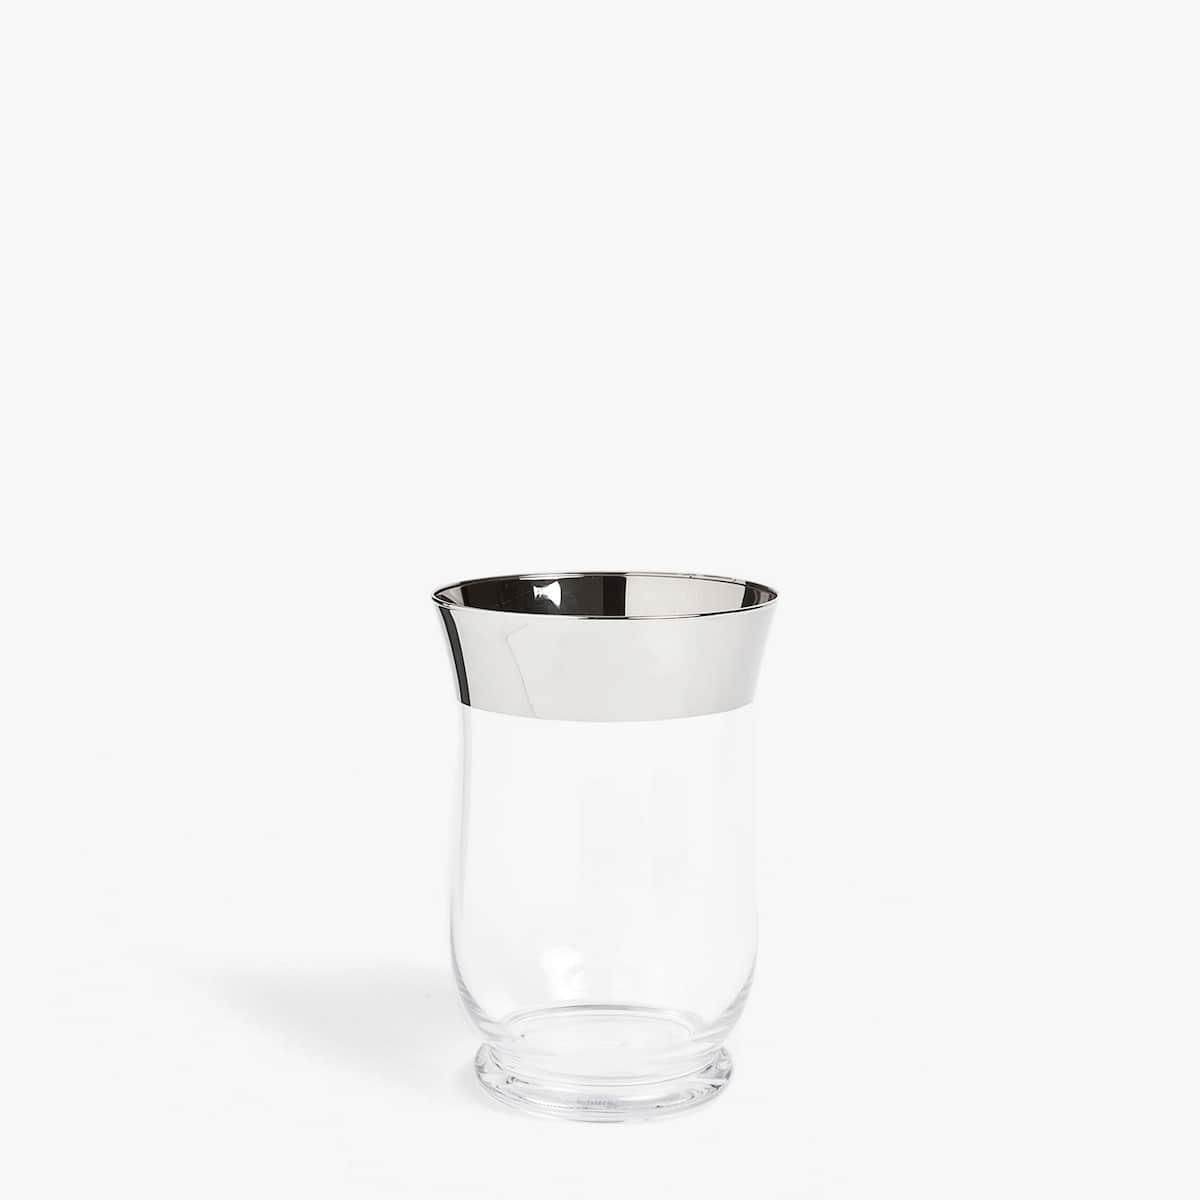 Afbeelding 1 van het product Vaas met zilverkleurige rand